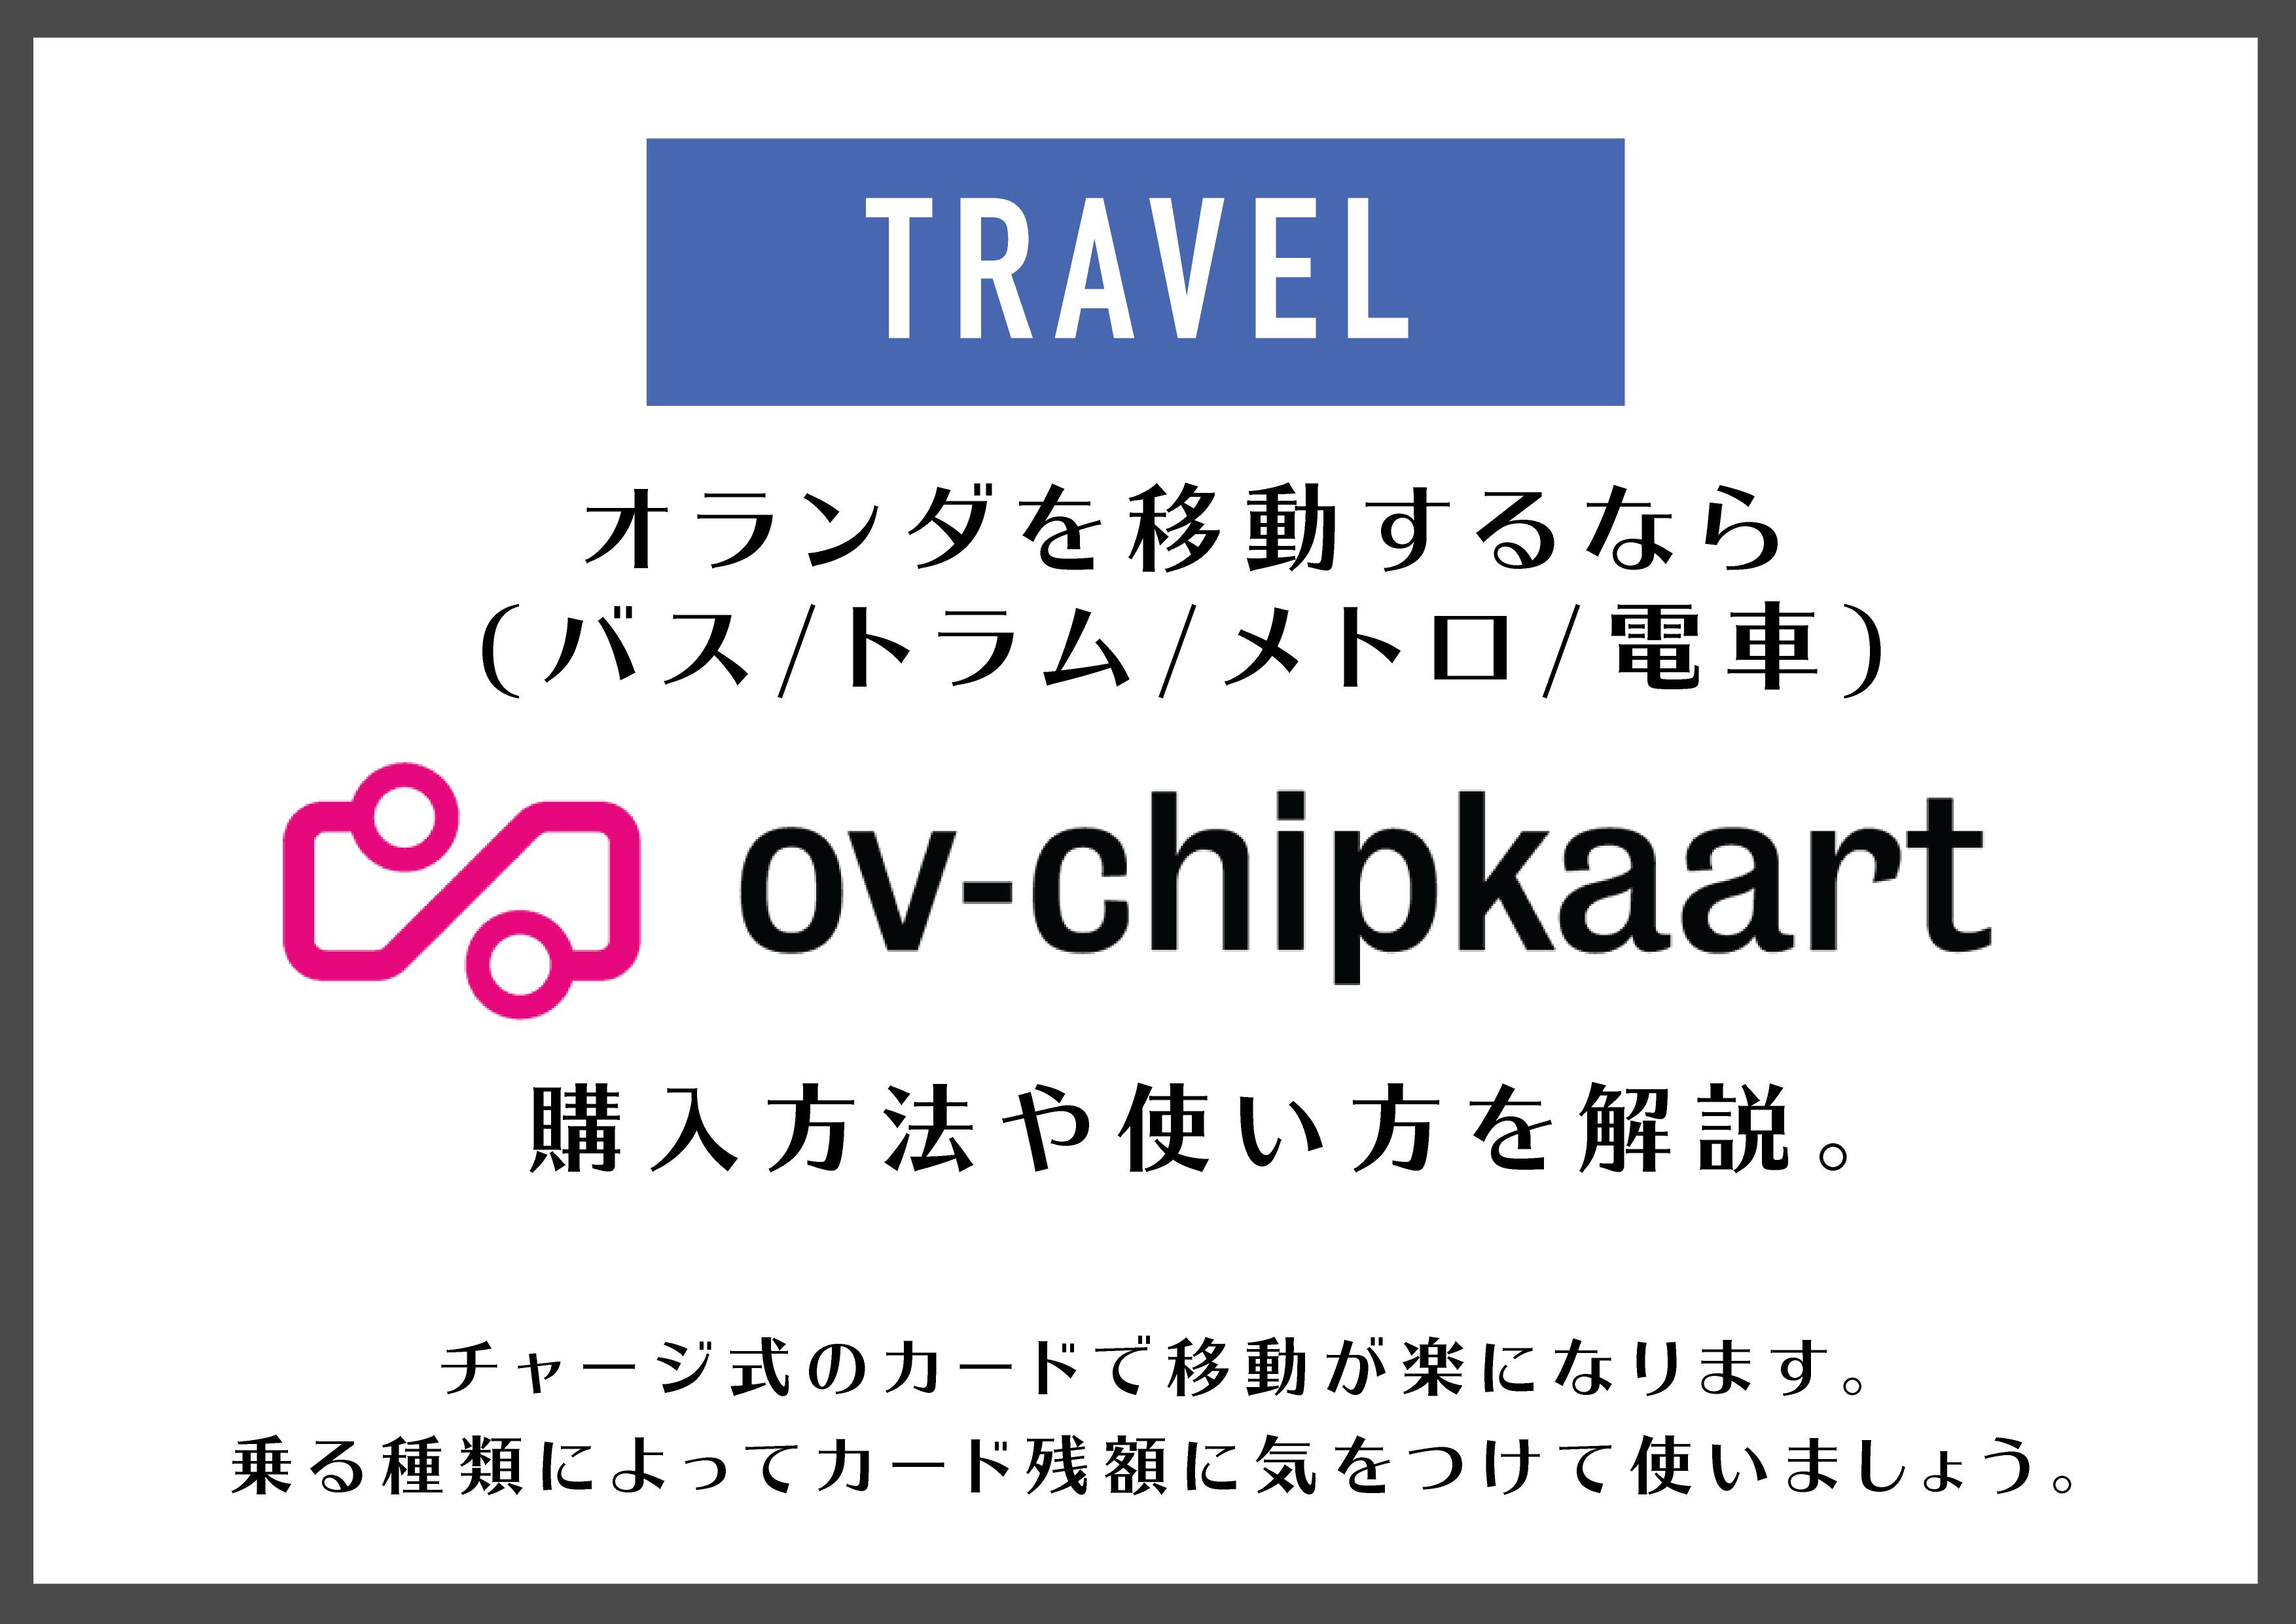 ov chipkaart 01